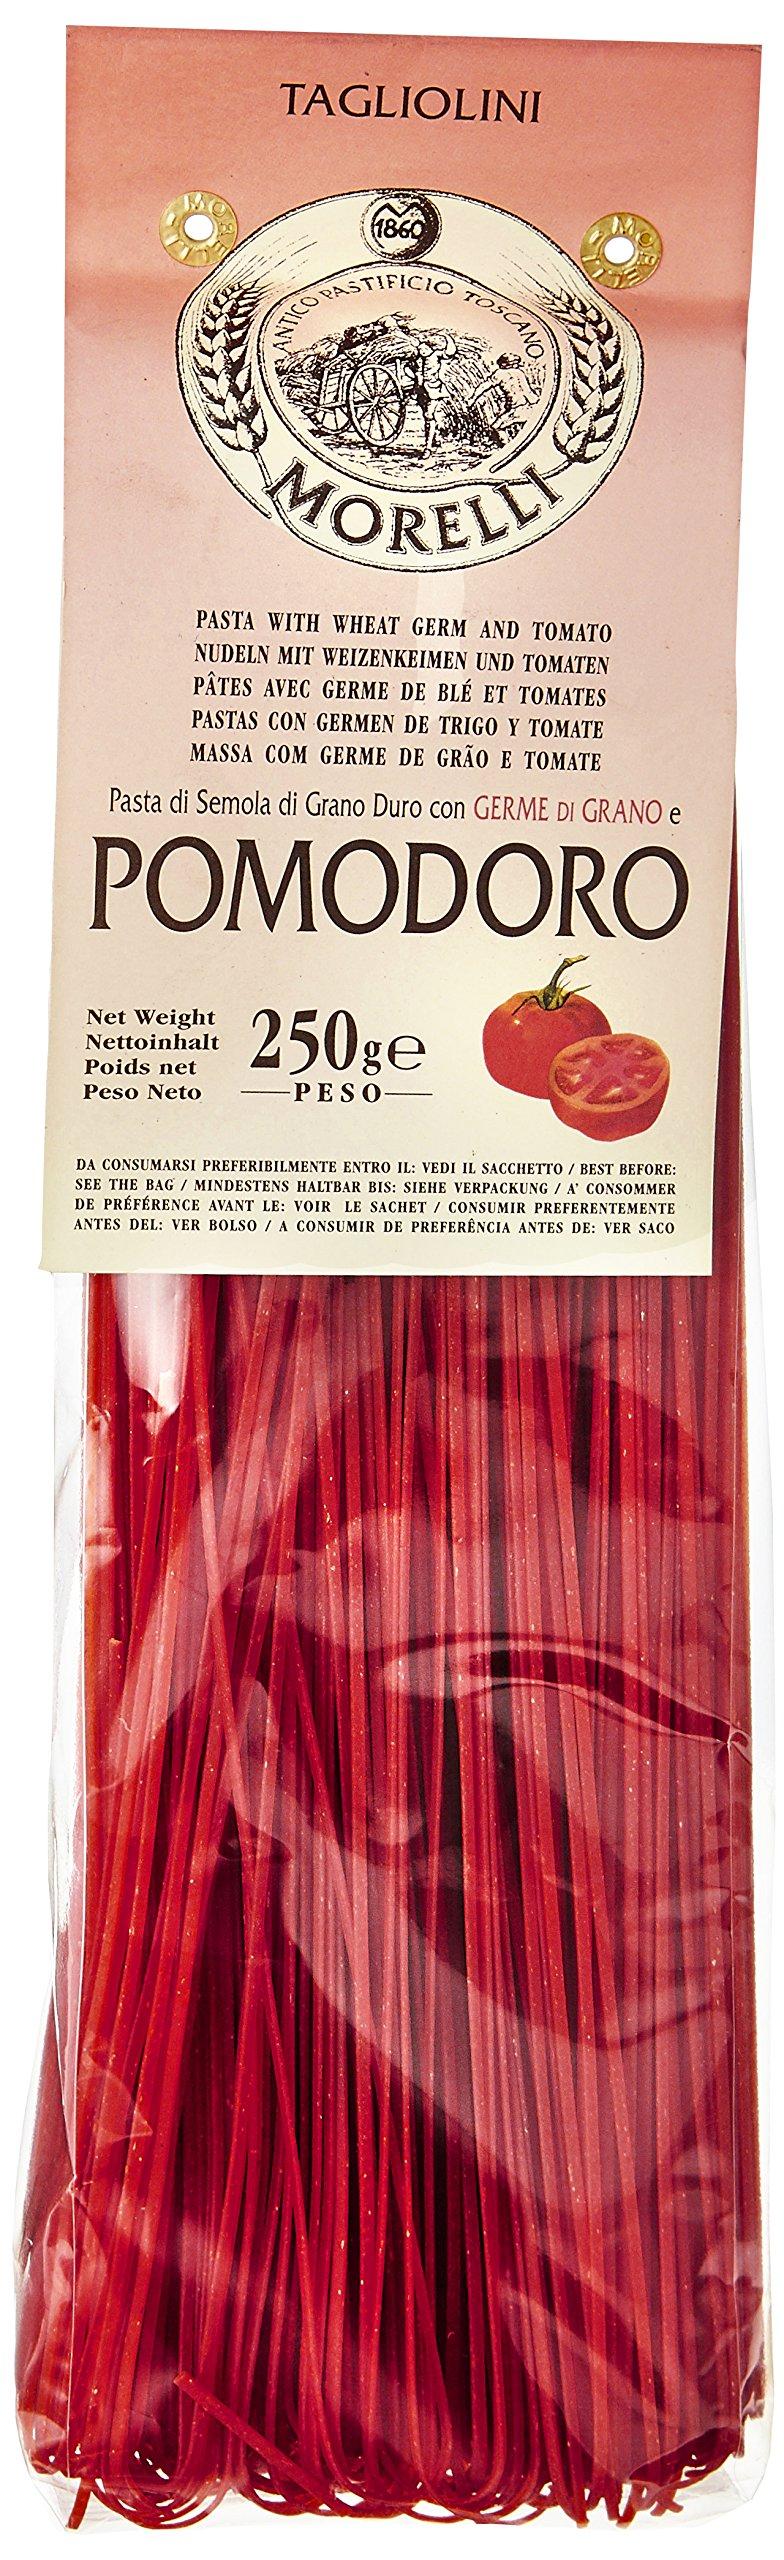 Antico Pastificio Toscano MORELLI - Tagliolini al Pomodoro (250 gr)